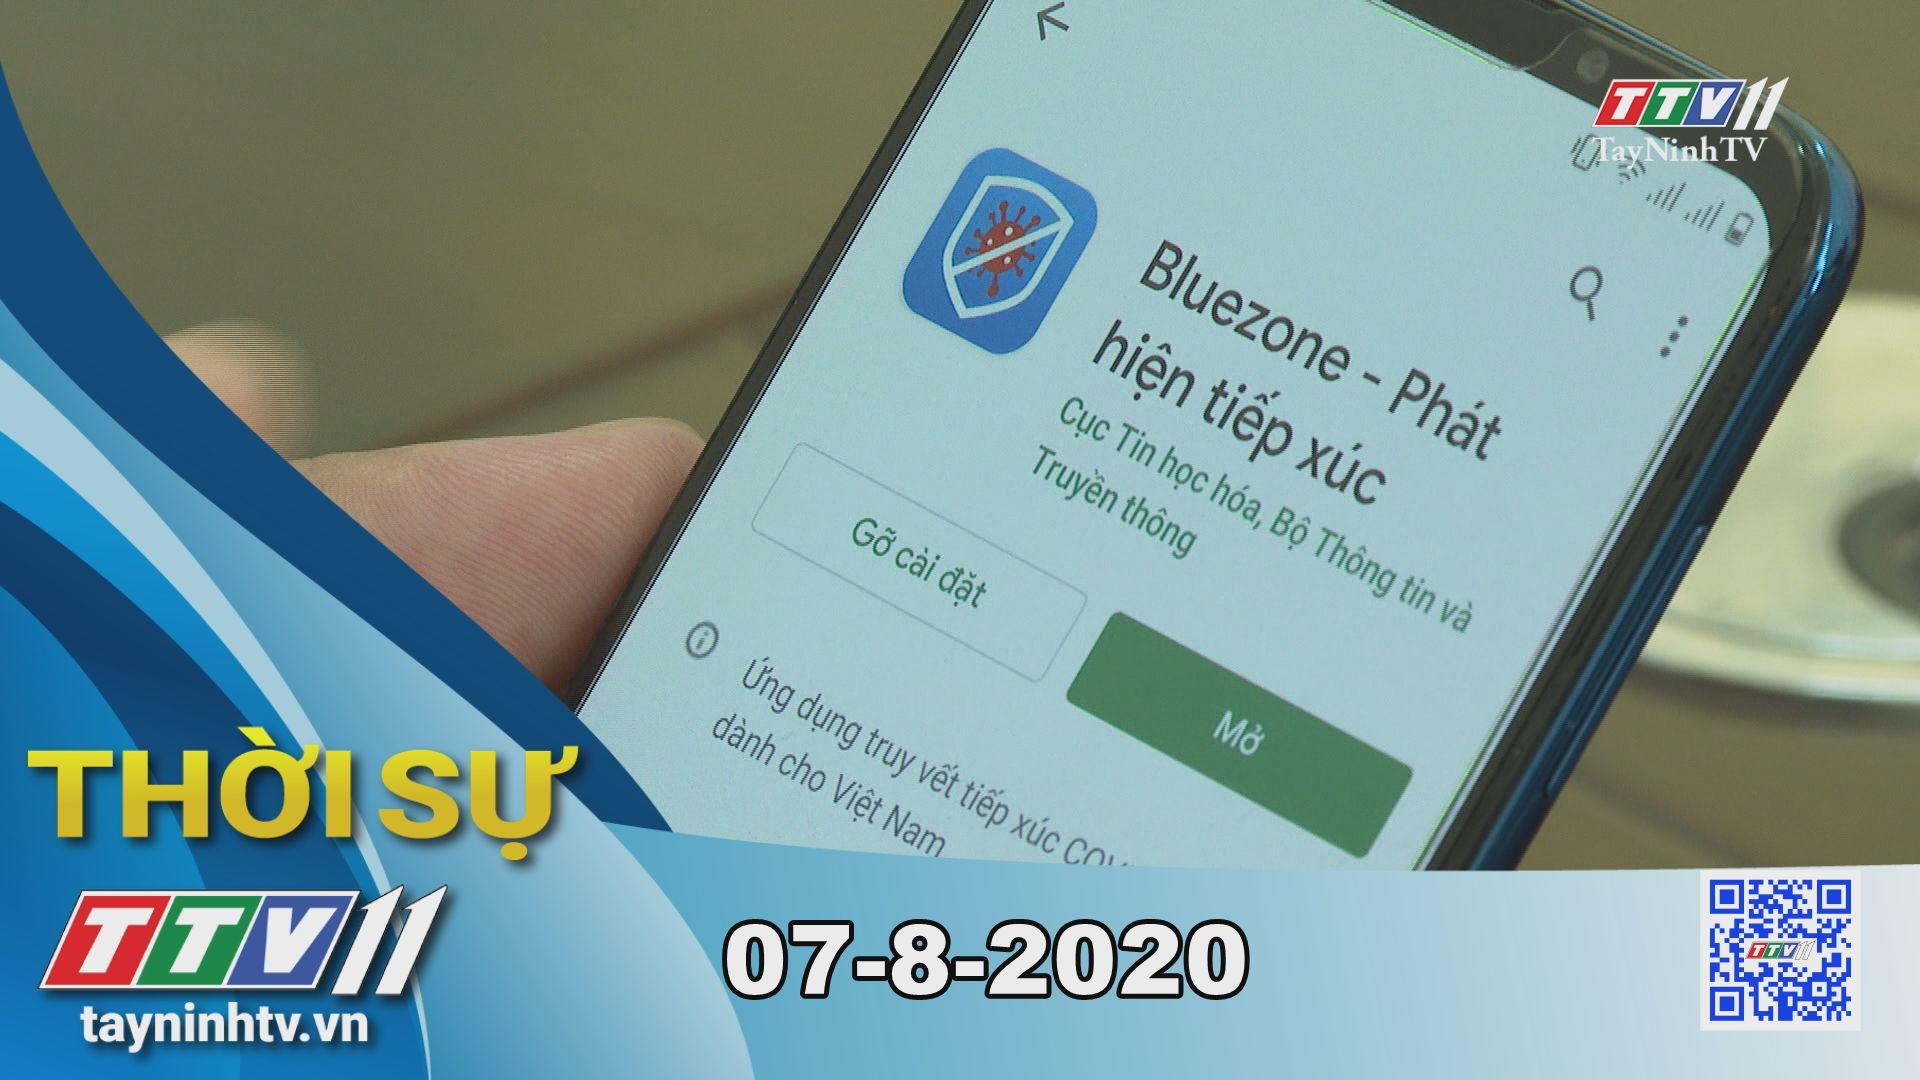 Thời sự Tây Ninh 07-8-2020 | Tin tức hôm nay | TayNinhTV